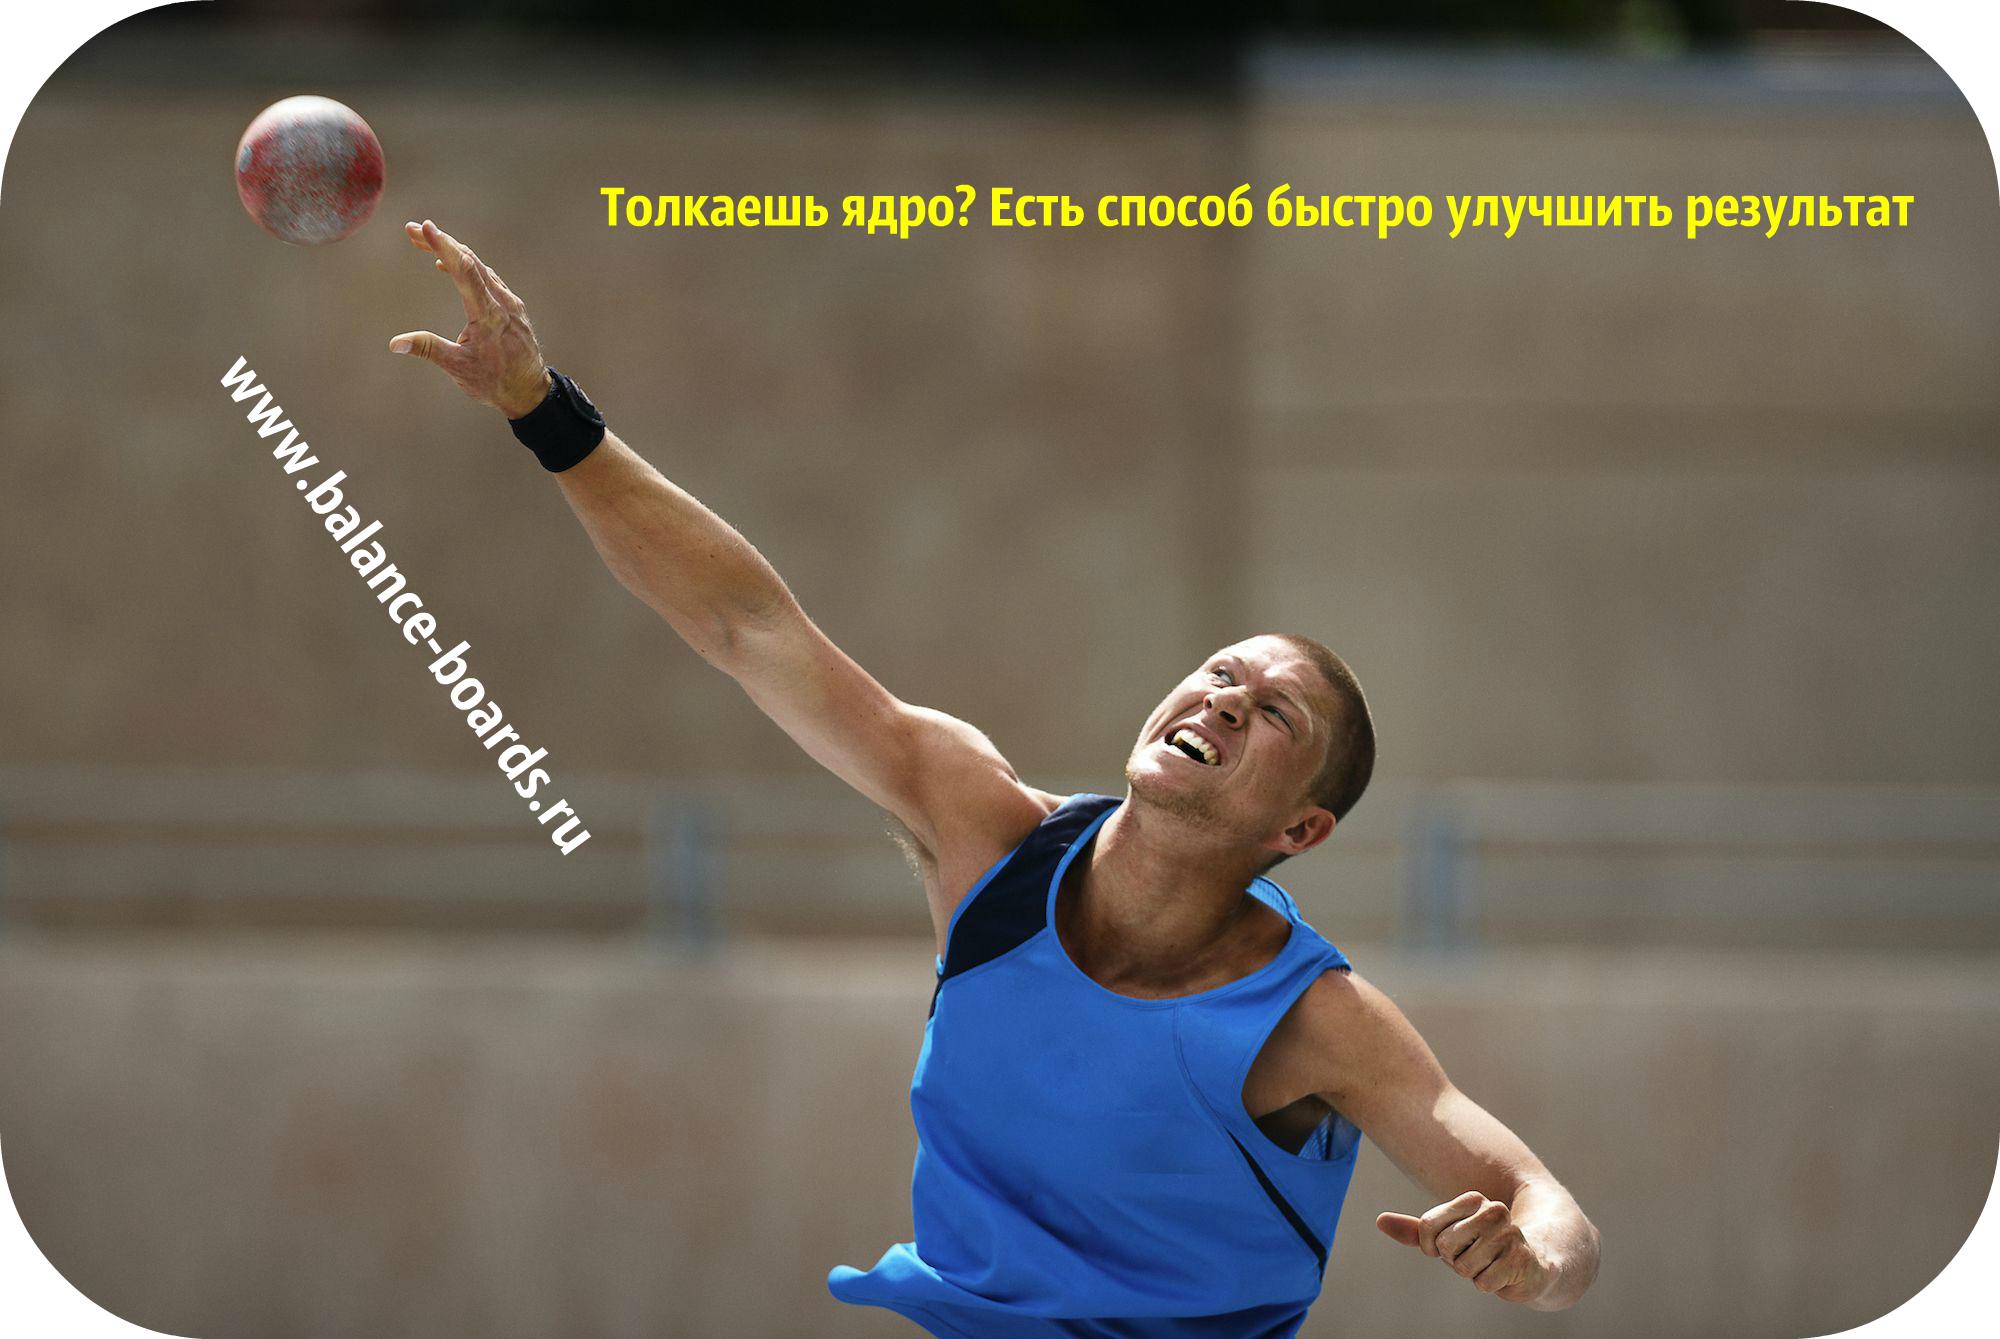 http://www.balance-boards.ru/images/upload/Толкаешь%20ядро%20Есть%20способ%20быстро%20улучшить%20результат.jpg